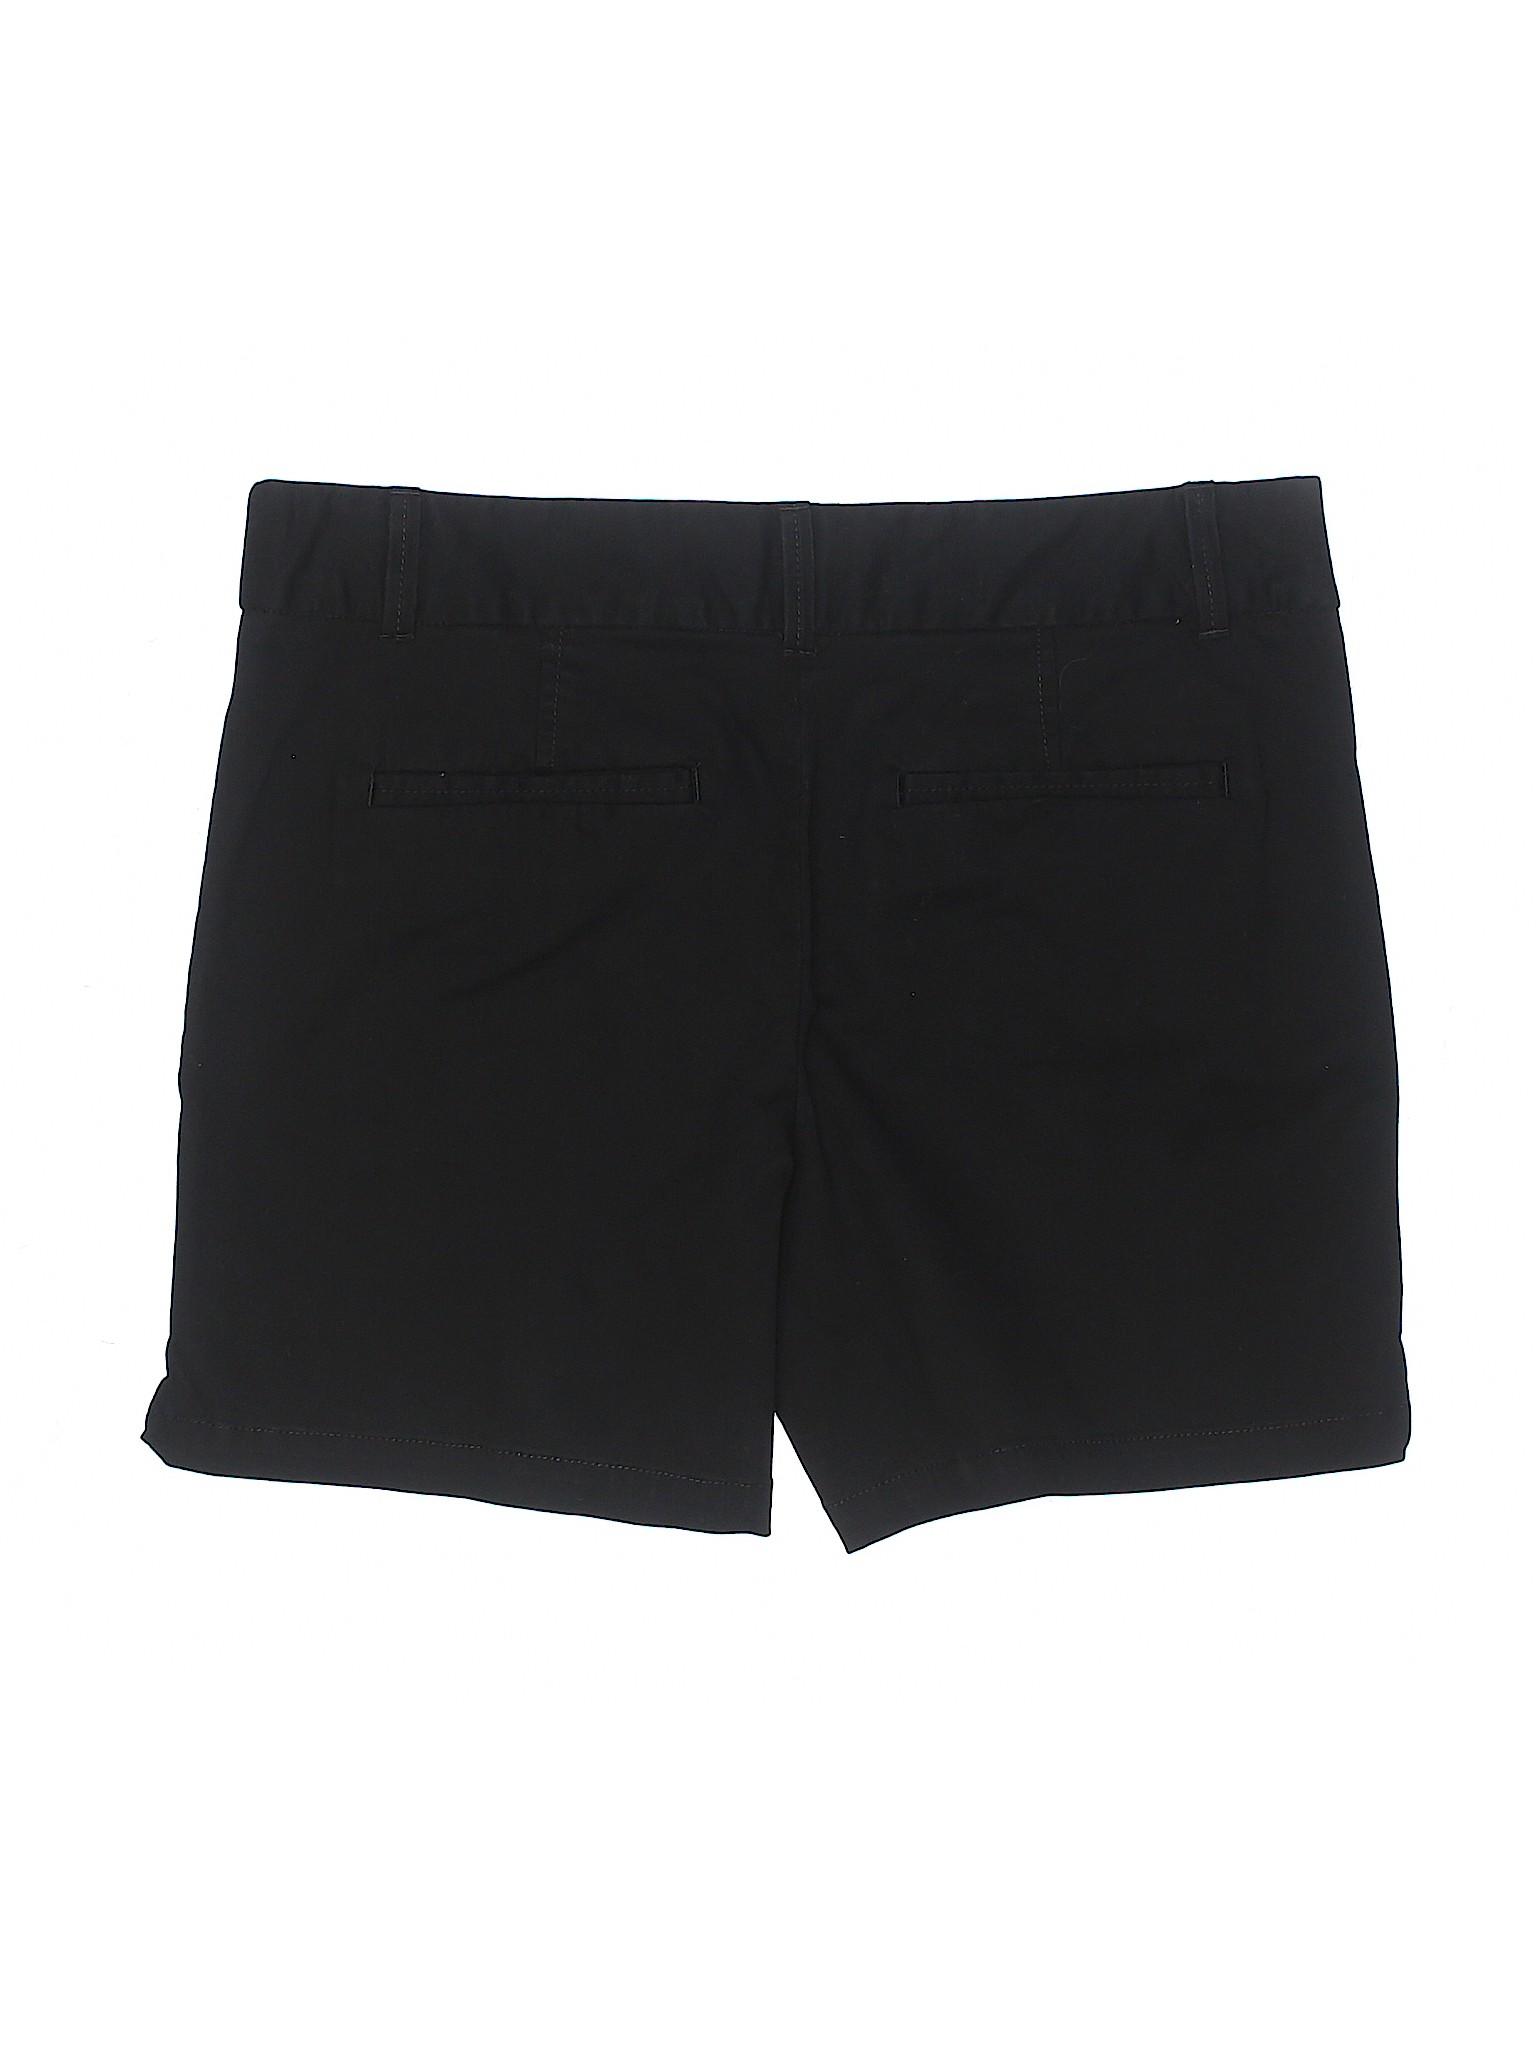 Khaki Ann Taylor Boutique Shorts LOFT qHUwFWHcS